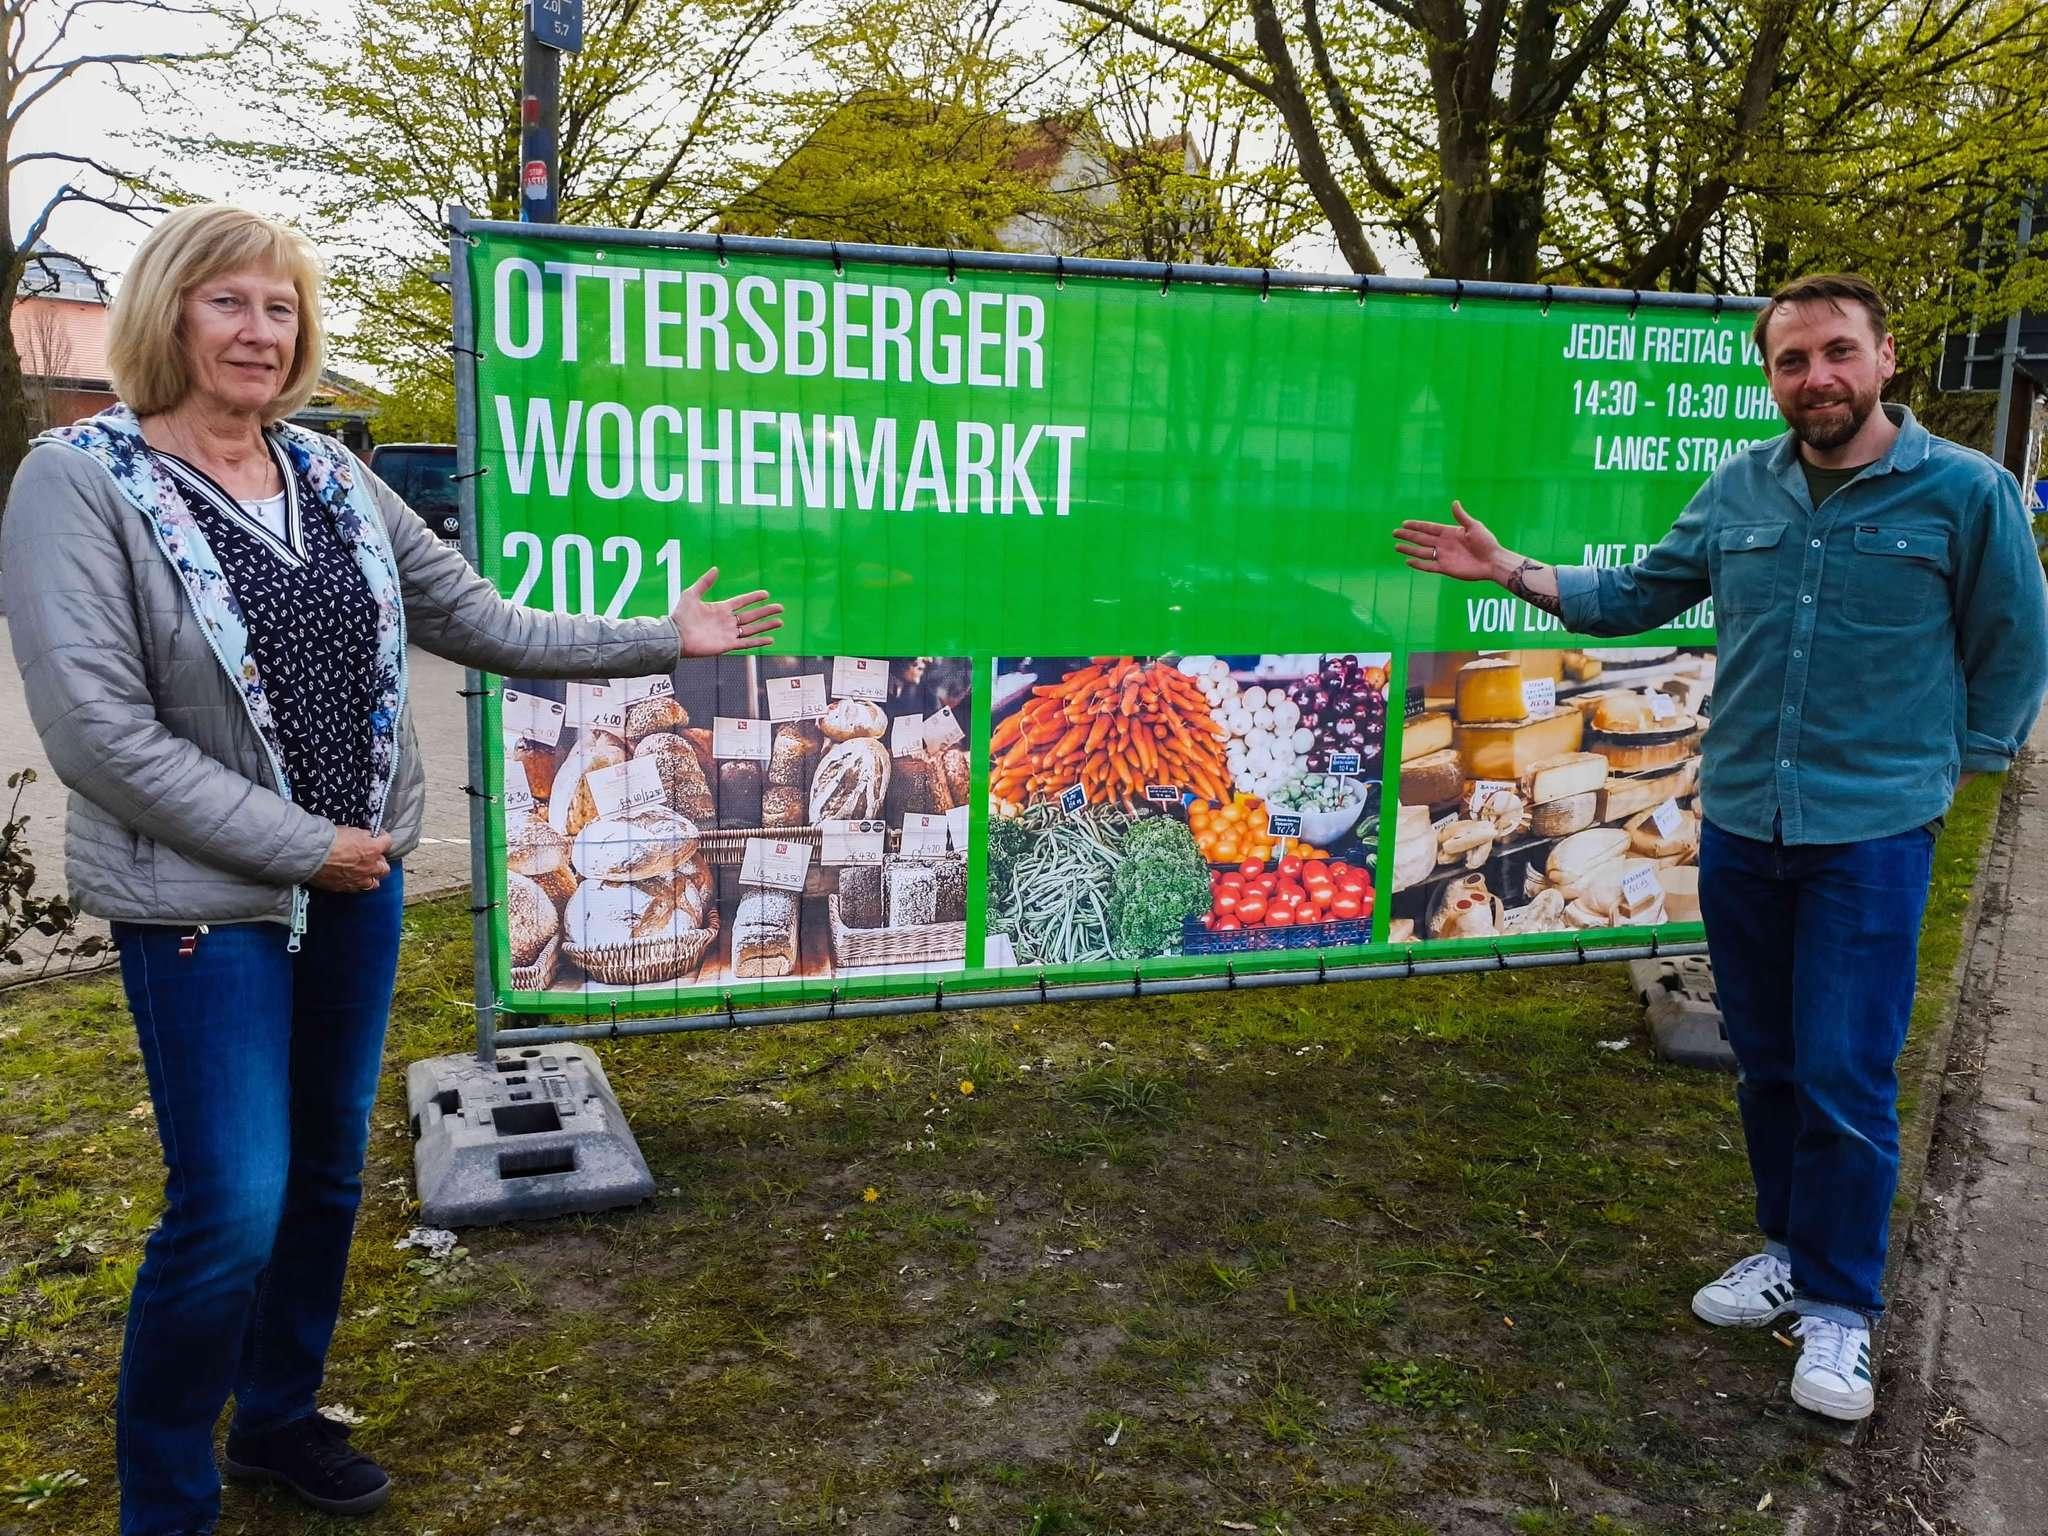 Gabriele Könnecke (li.) und Jesper Theis hängen Banner auf, die für den neuen Wochenmarkt werben. Foto: Tobias Woelki